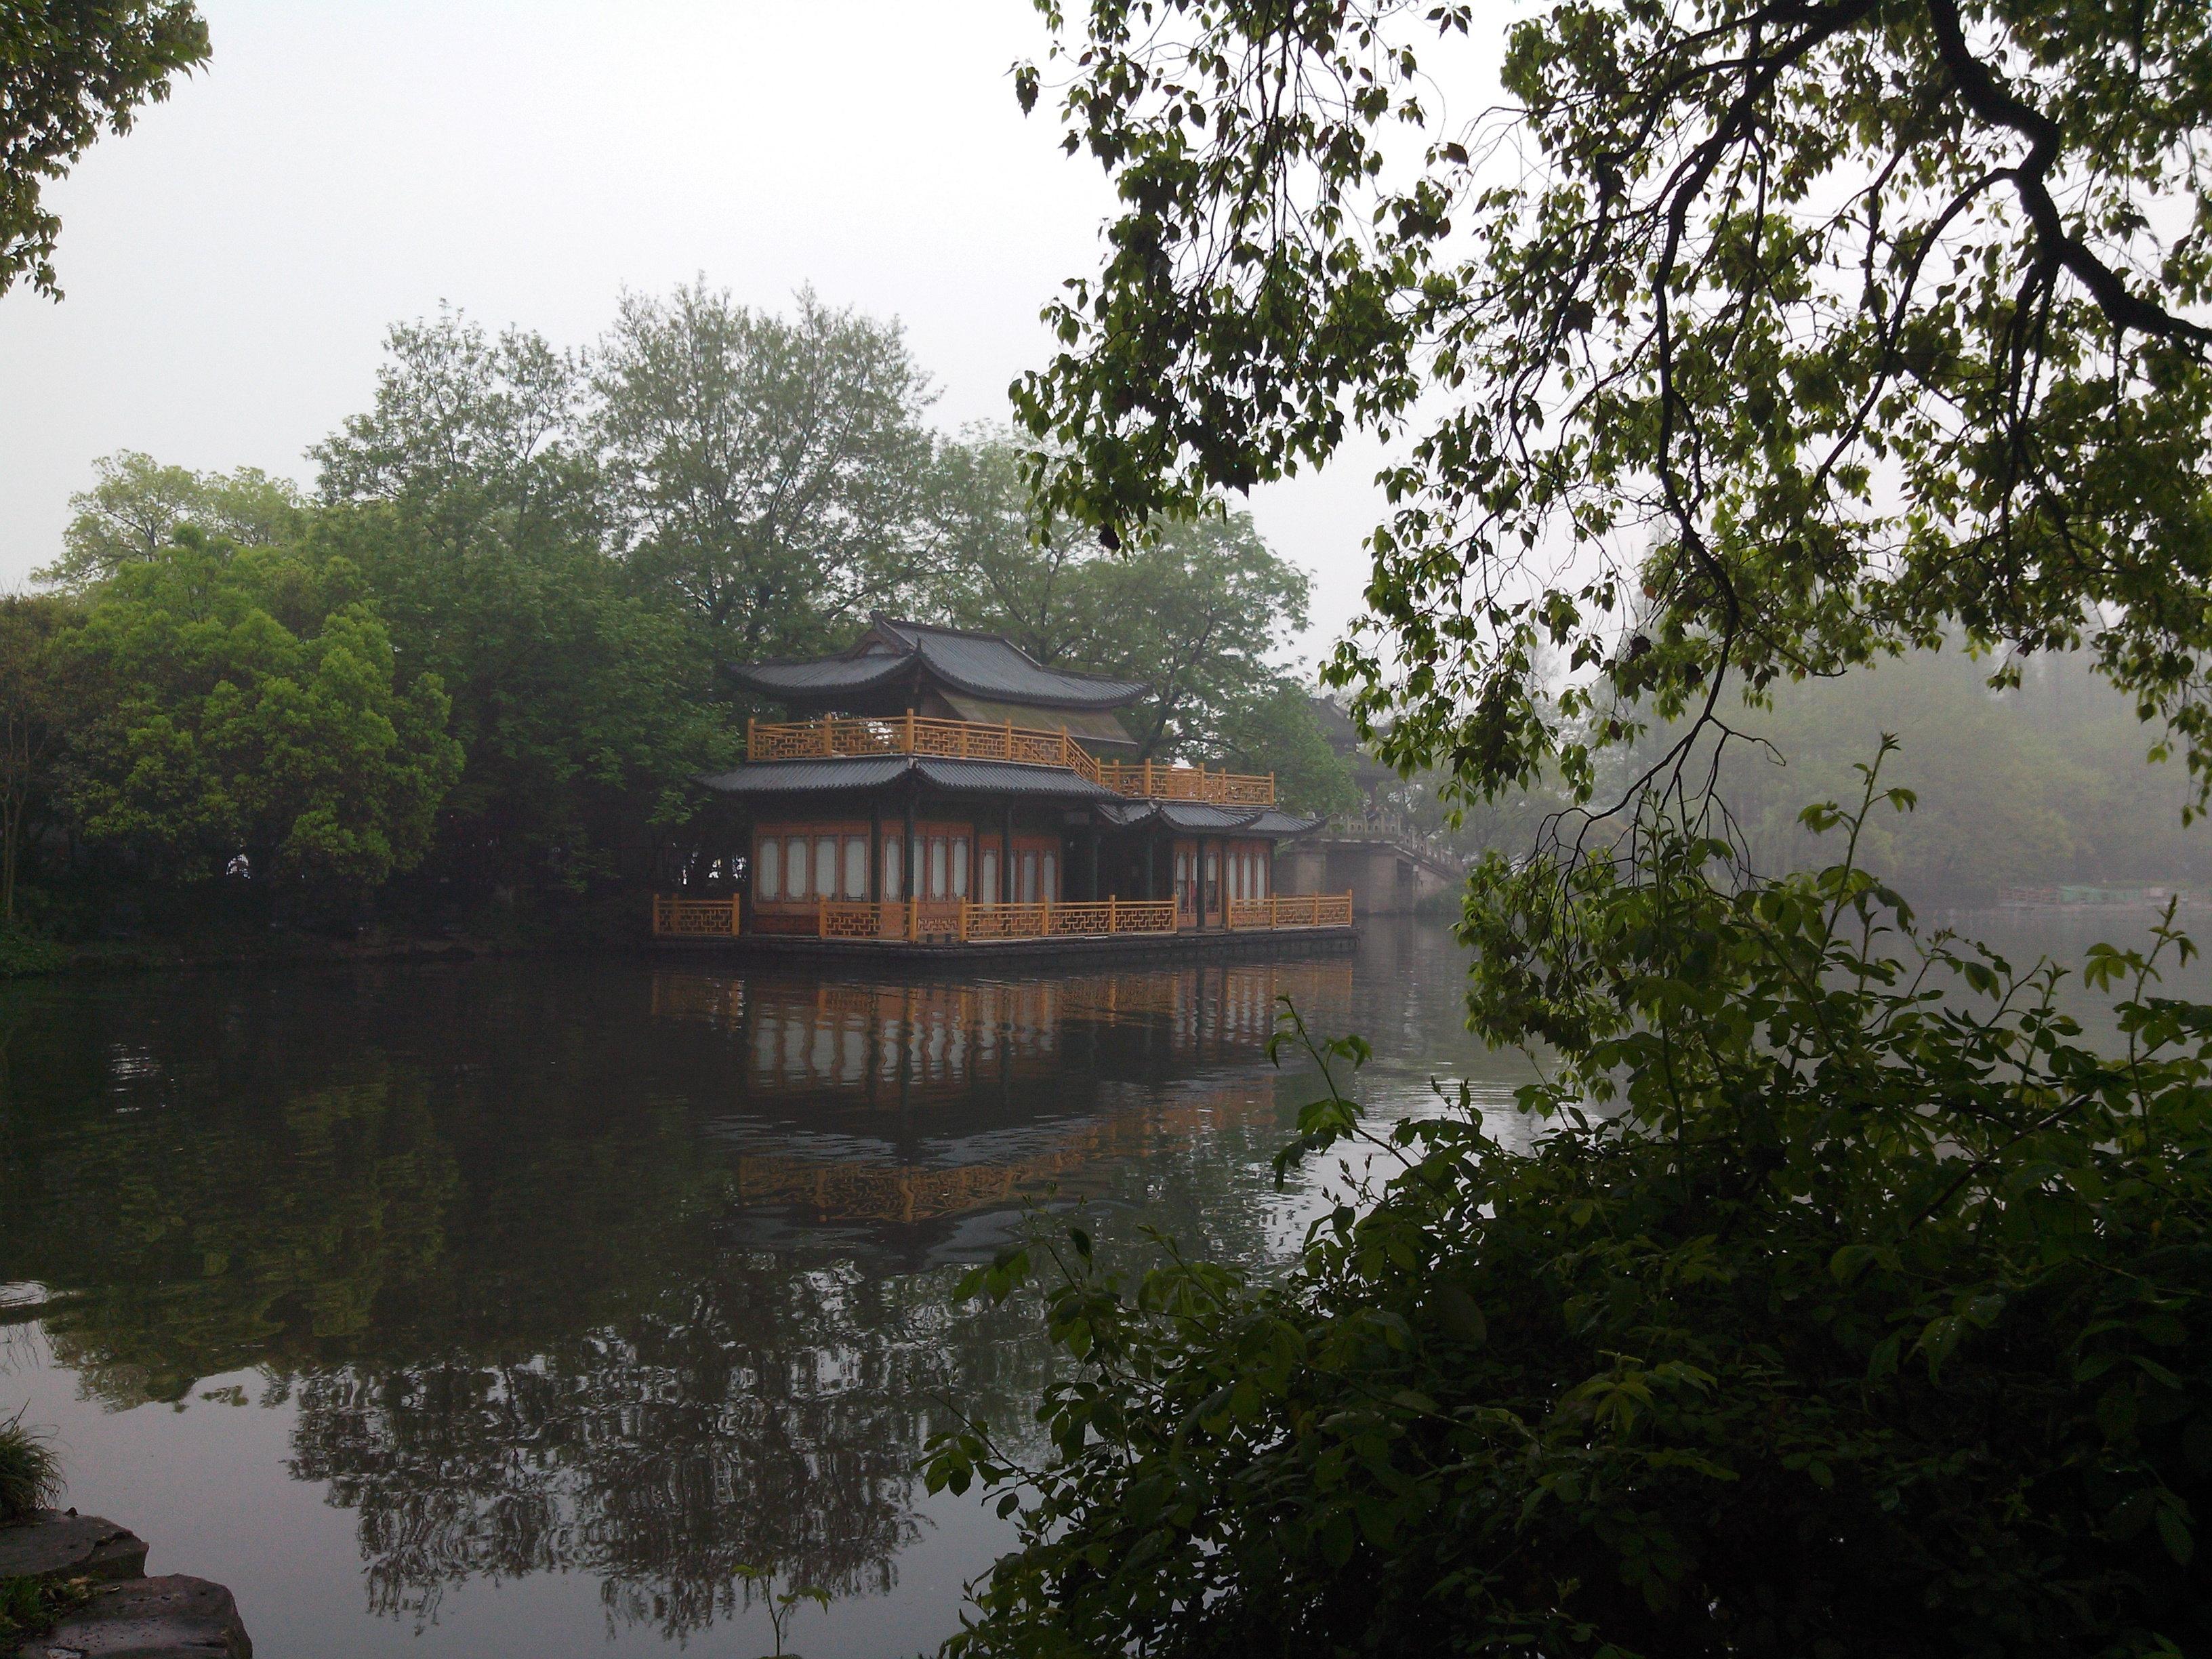 西湖无疑是杭州之美的代表,著名的西湖十景环绕湖边,自然与人文相互映衬,组成了杭州旅行的核心地带。你不必执着于走遍每个景点,倒可以花上半天或一天在湖边徜徉一番,无论怎么玩,都让人心情舒畅。西湖概览游玩西湖可以步行、坐游船、乘电瓶车,也可以自驾或者骑行。其中,电瓶车是最方便省力的,环西湖有招手即停的游览车,线路正好绕西湖一圈(10元/区间,40元/全程);沿湖骑行浪漫又悠闲,西湖沿岸有不少租借公共自行车的点,现场办张卡便可租车;若想坐船游览,湖边有近10个码头,有各种不同的船和线路,比较